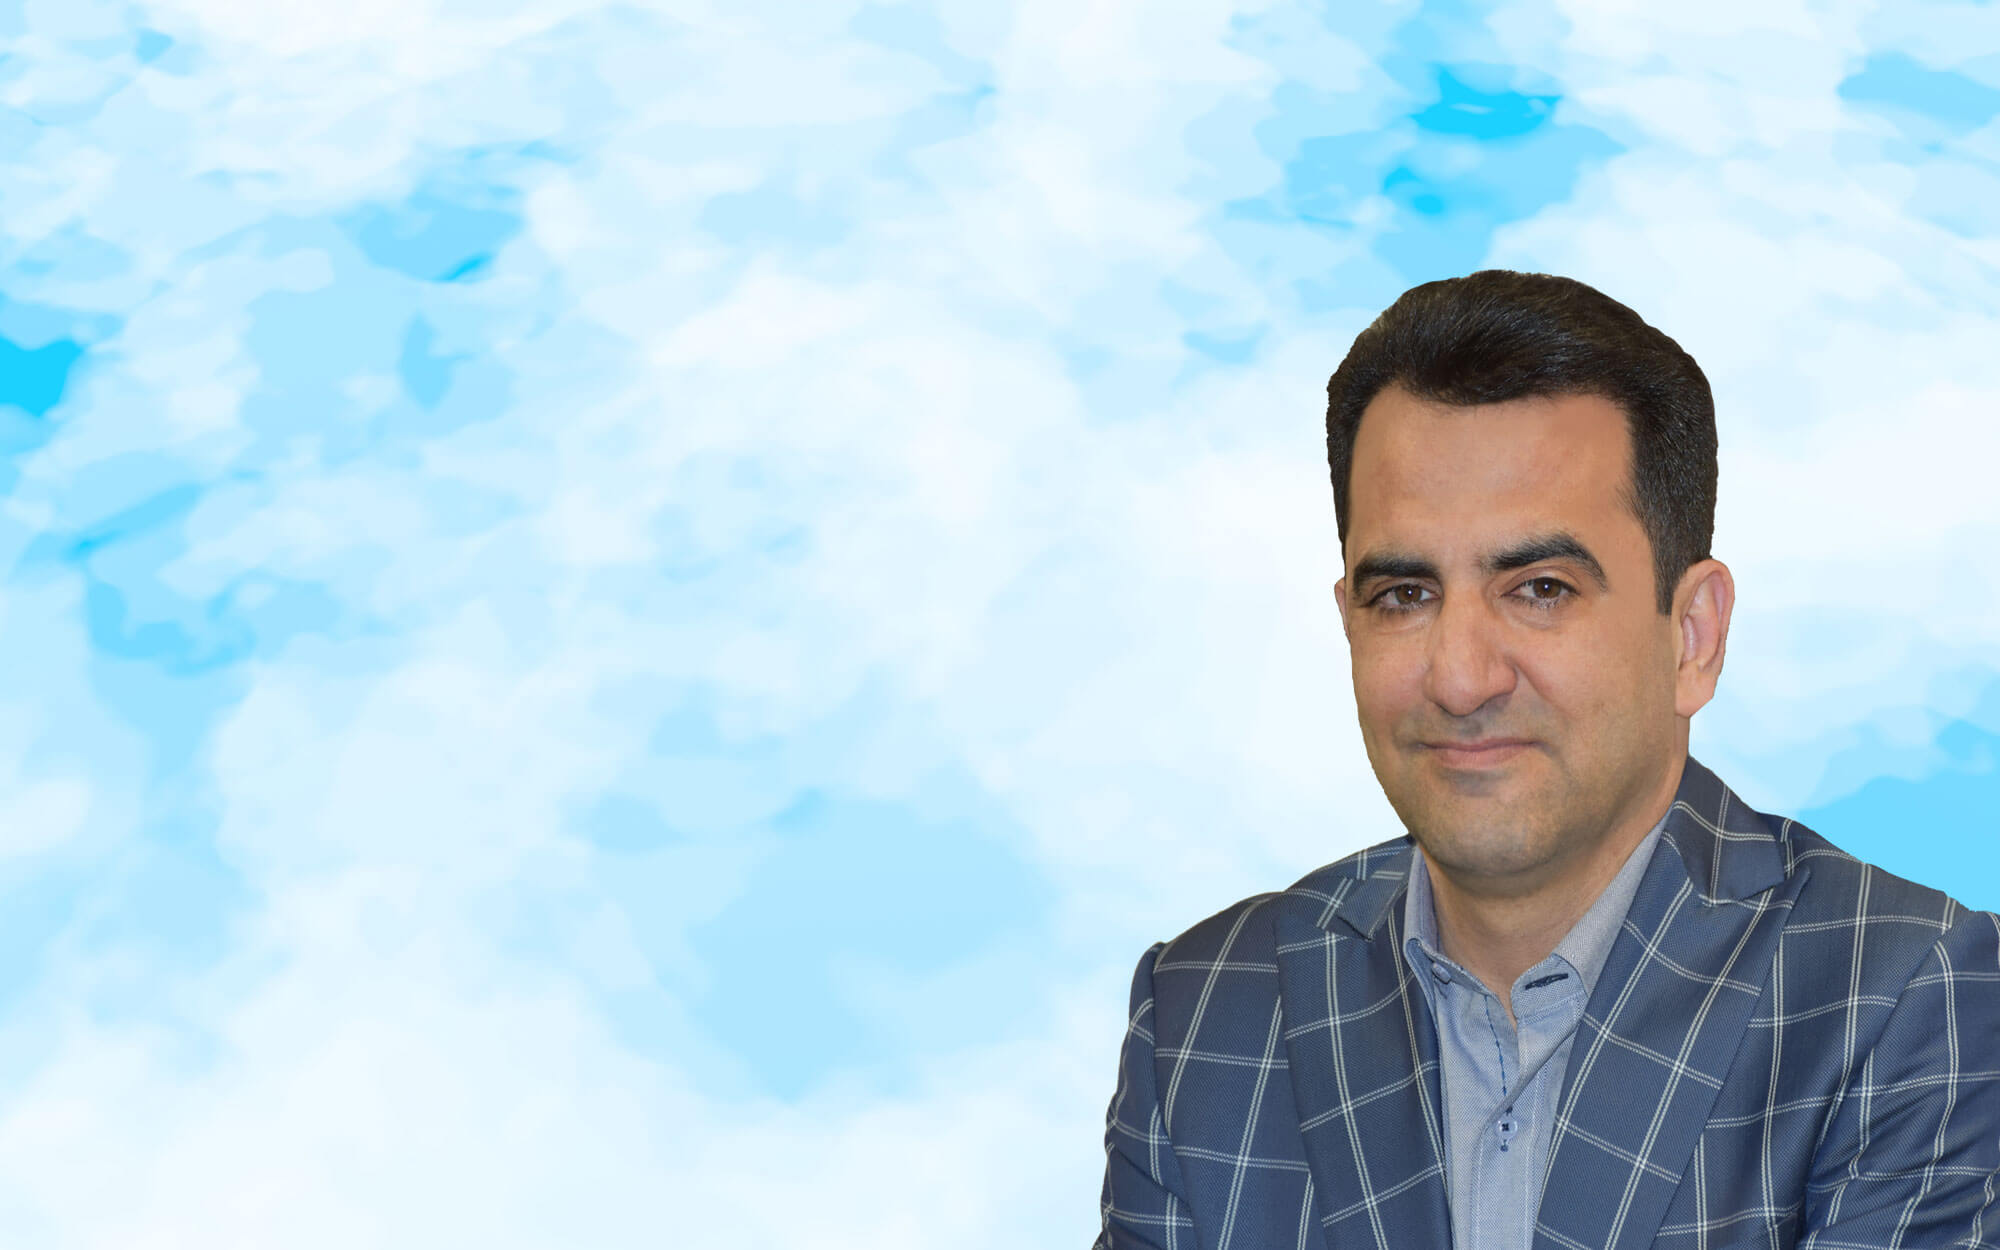 دکتر محمد سلیمانی اورولوژیست